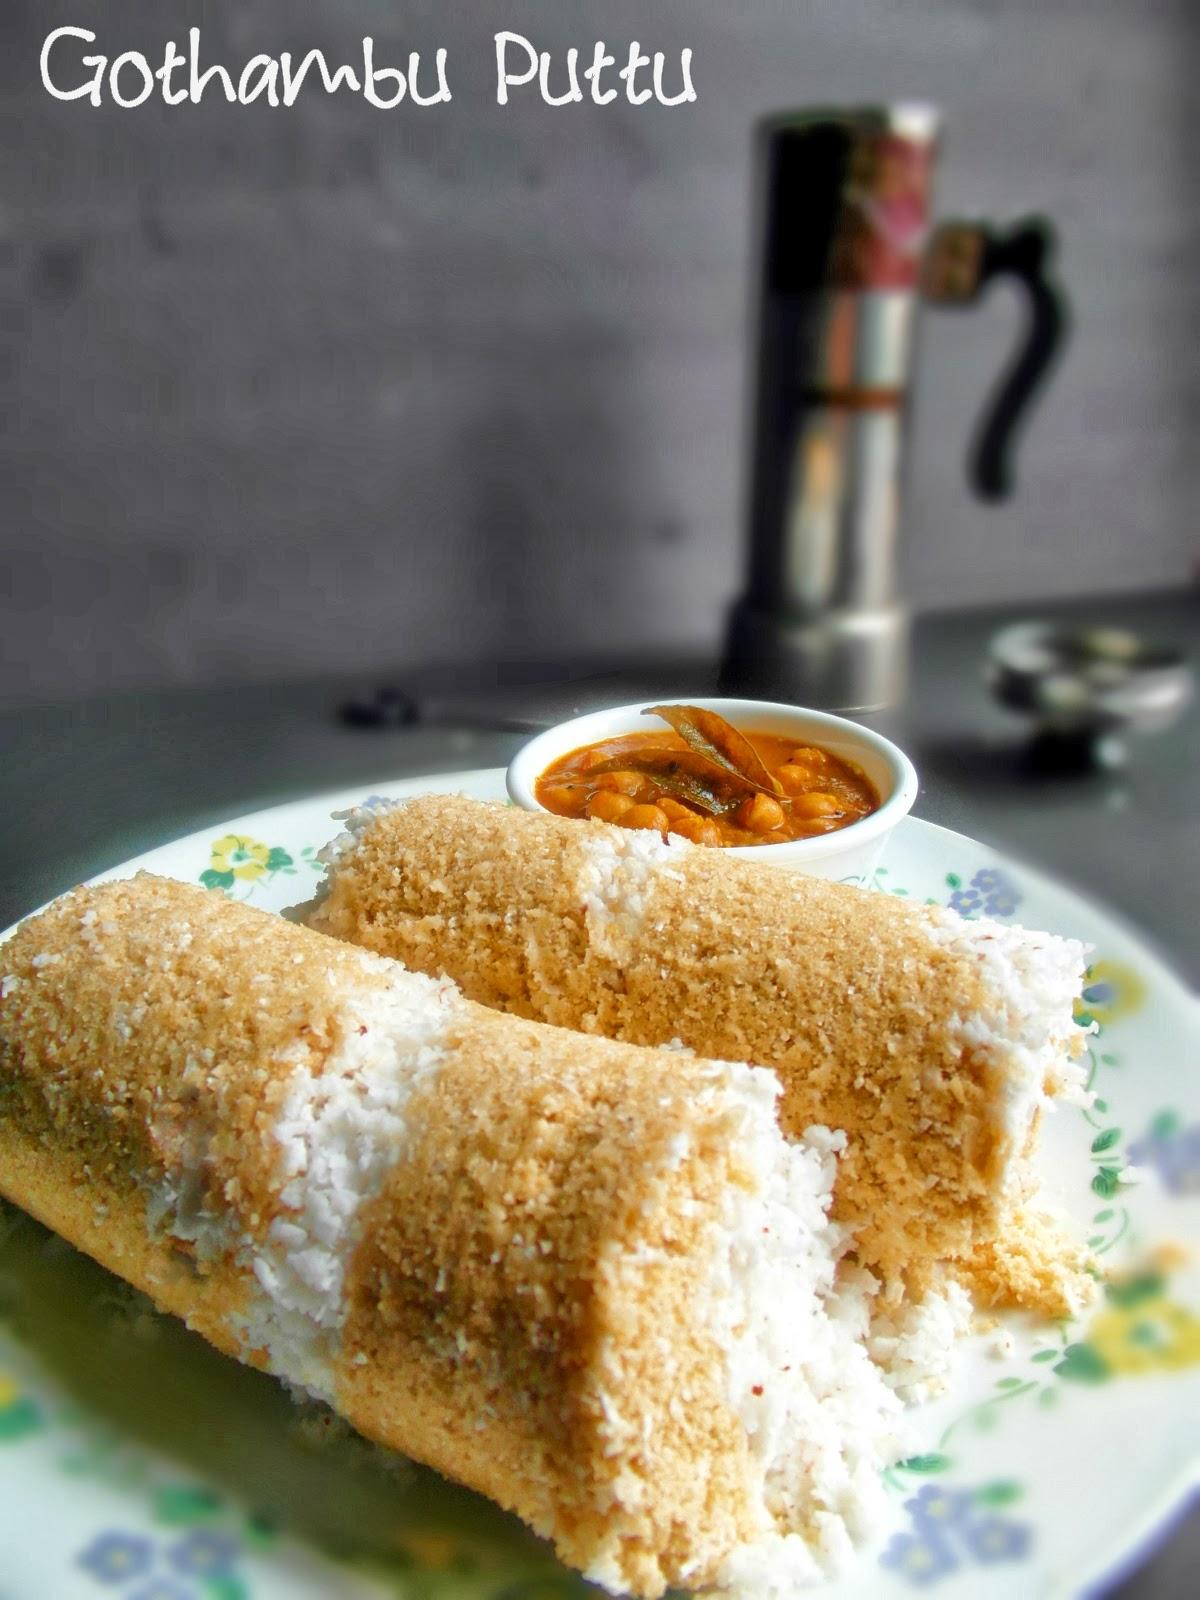 Kerala Food Puttu Recipe